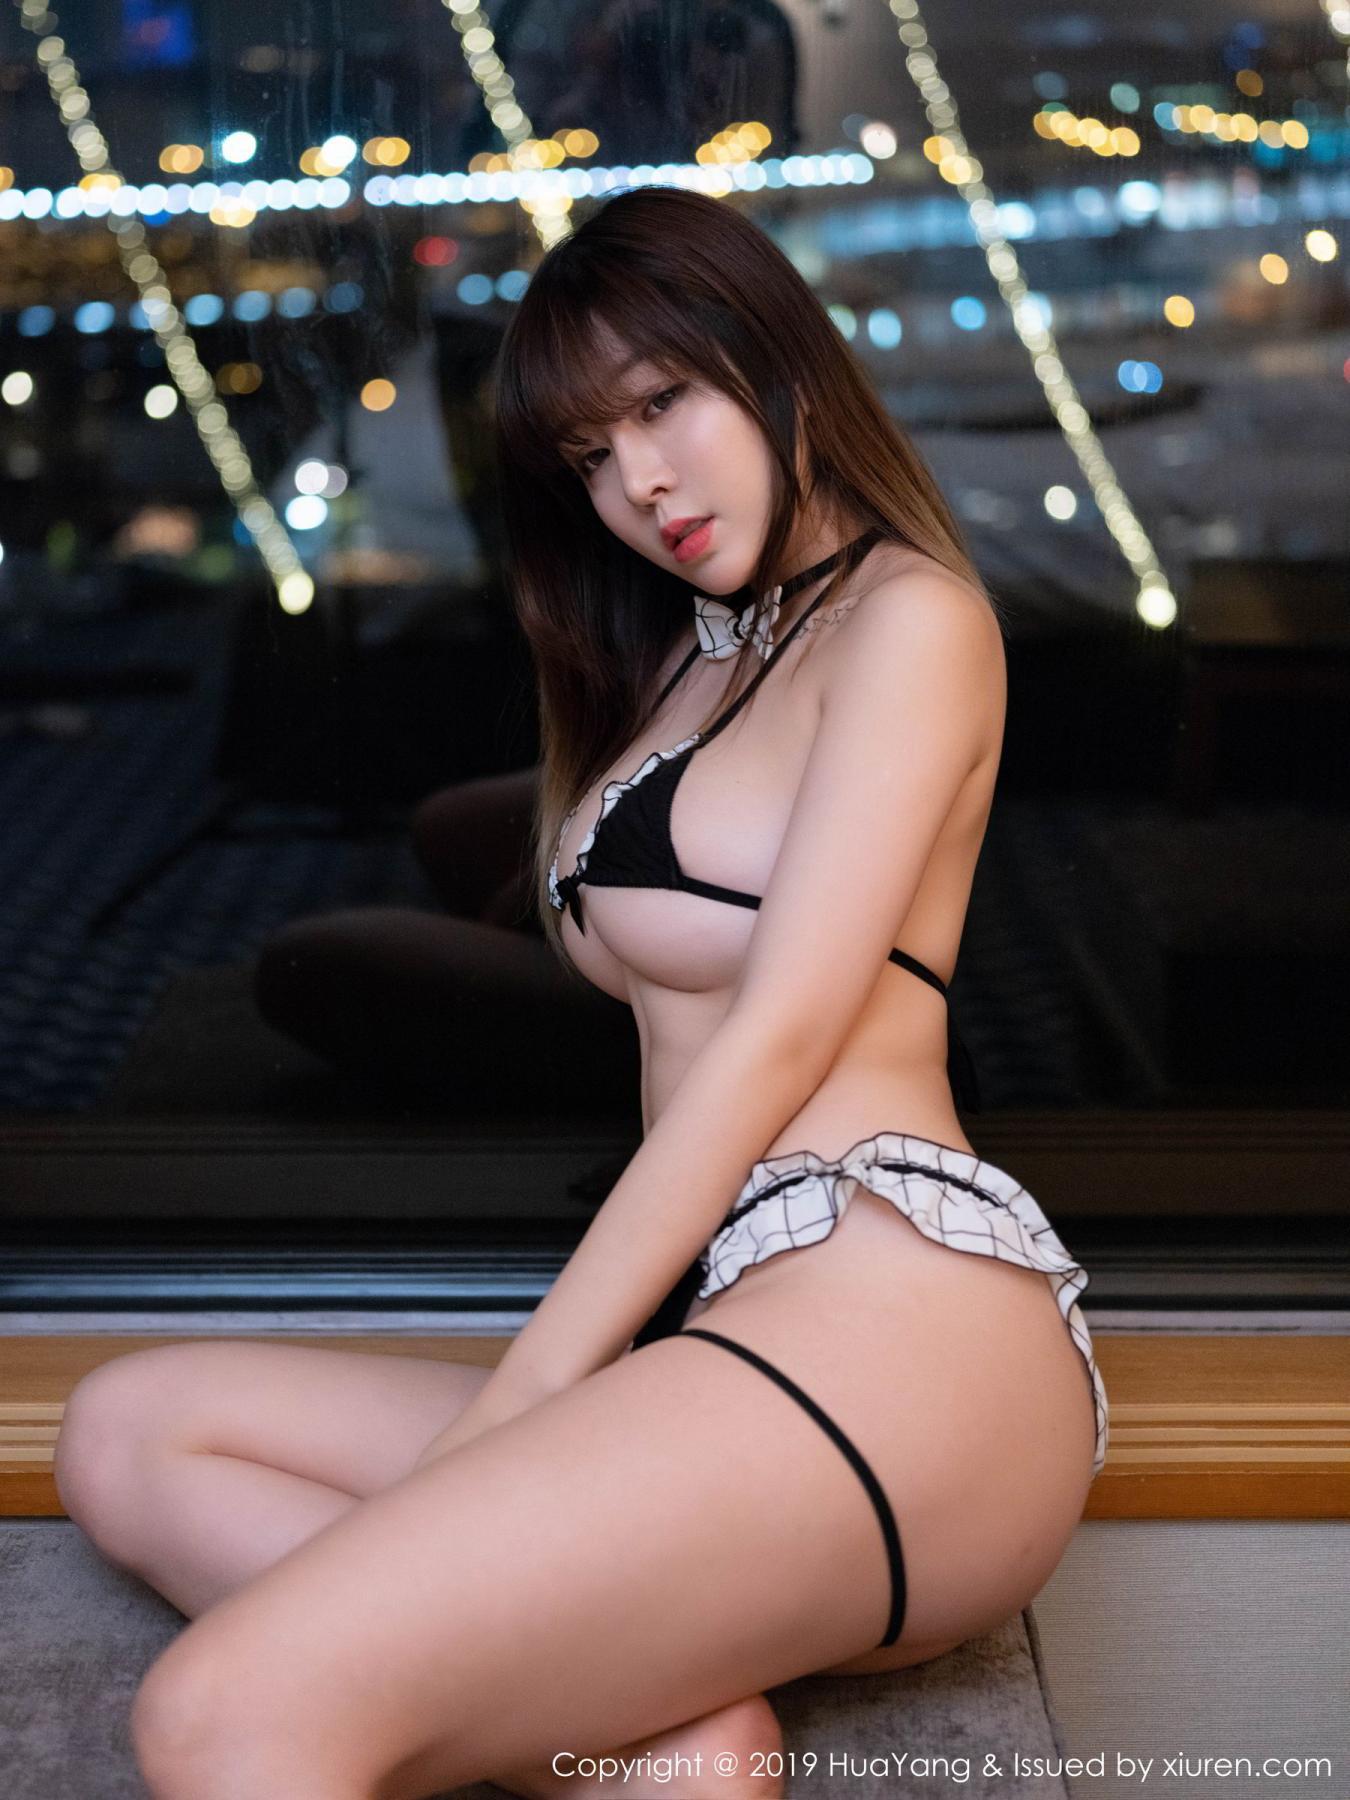 [Huayang] Vol.146 Wang Yu Chun 18P, HuaYang, Sexy, Underwear, Wang Yu Chun